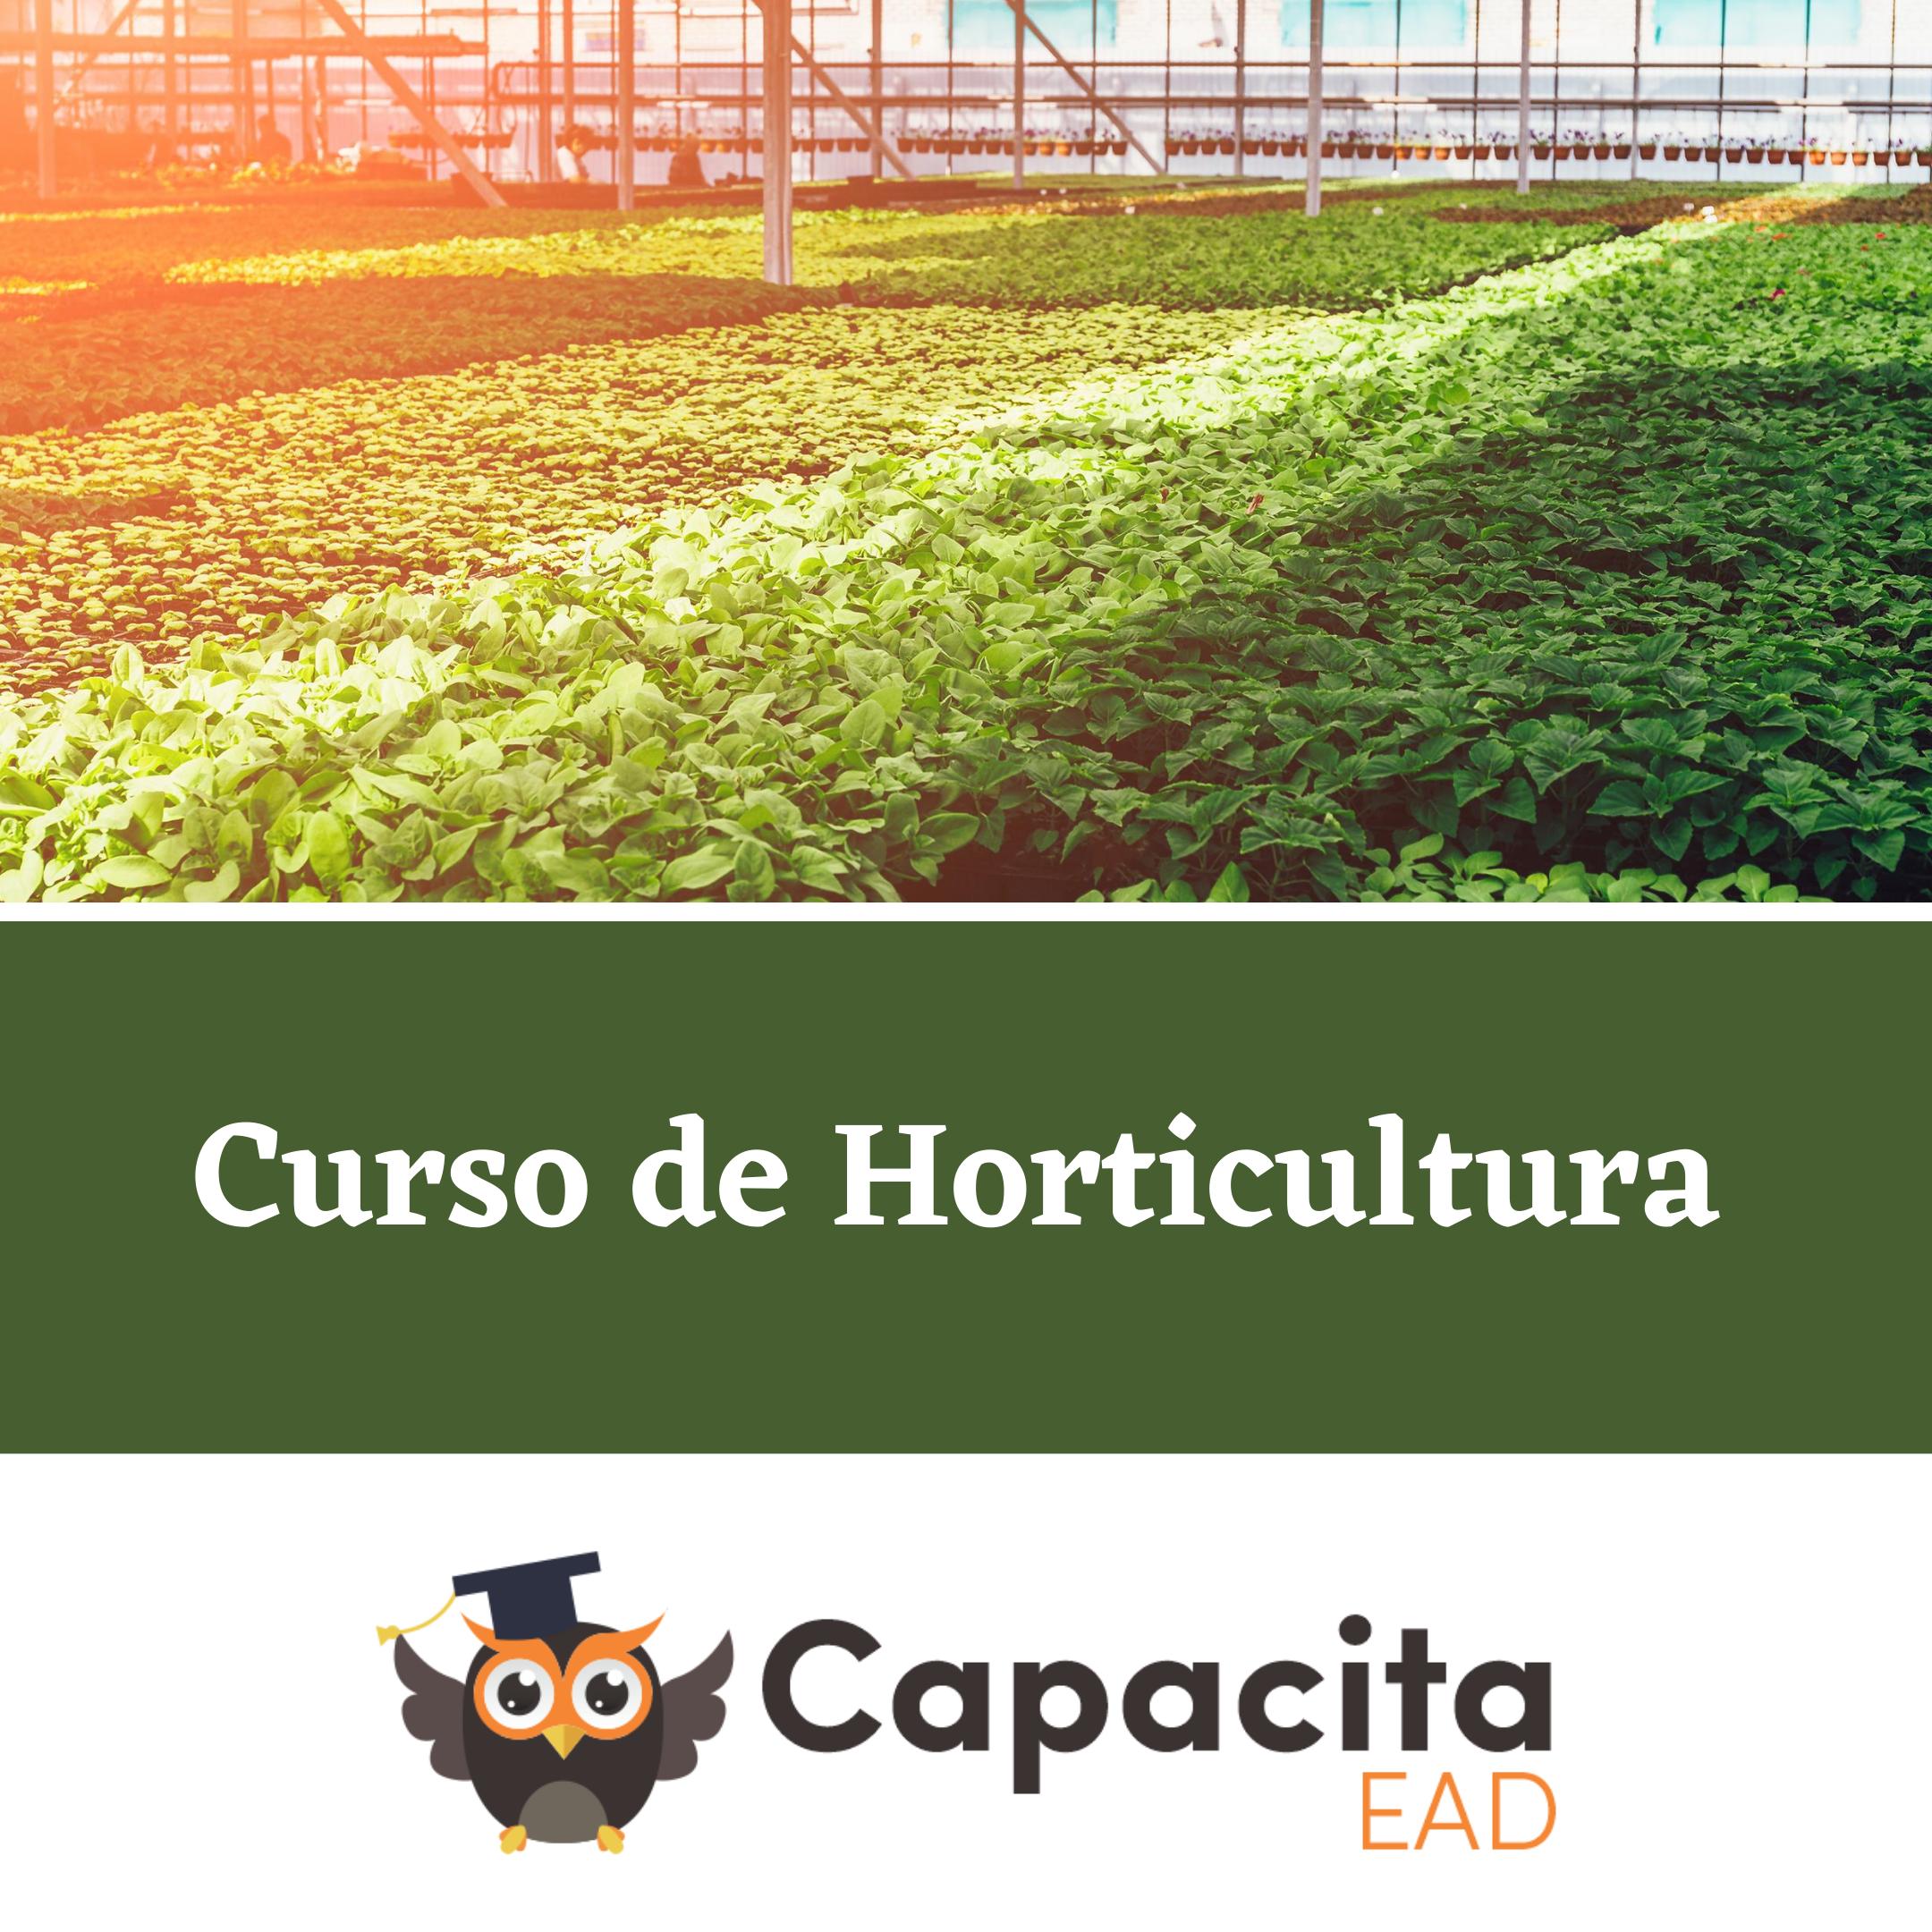 Curso de Horticultura